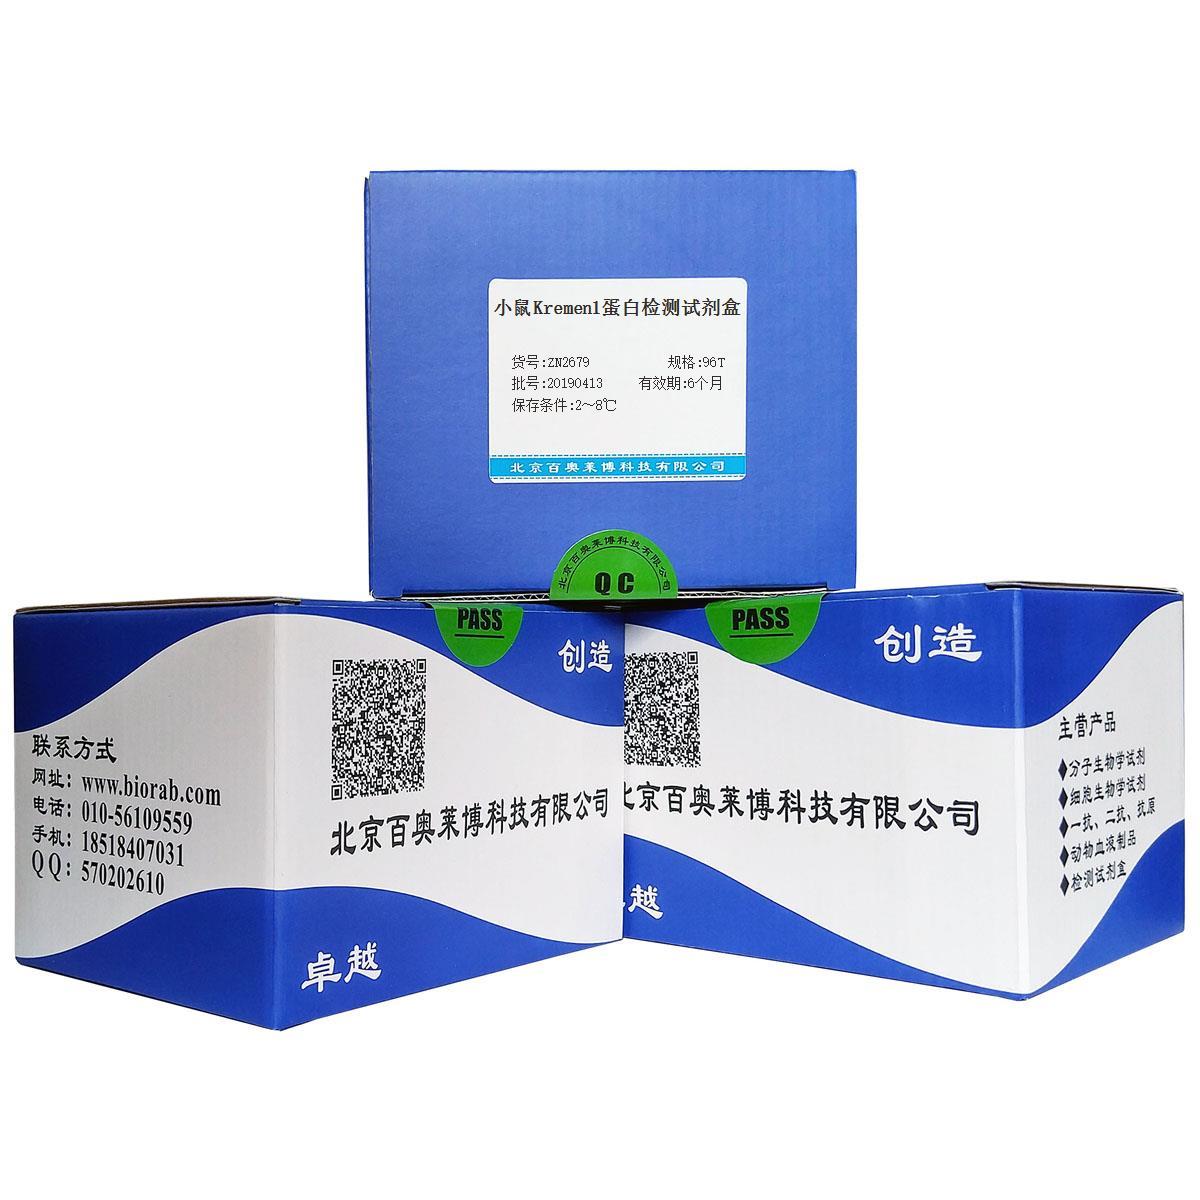 小鼠Kremen1蛋白检测试剂盒